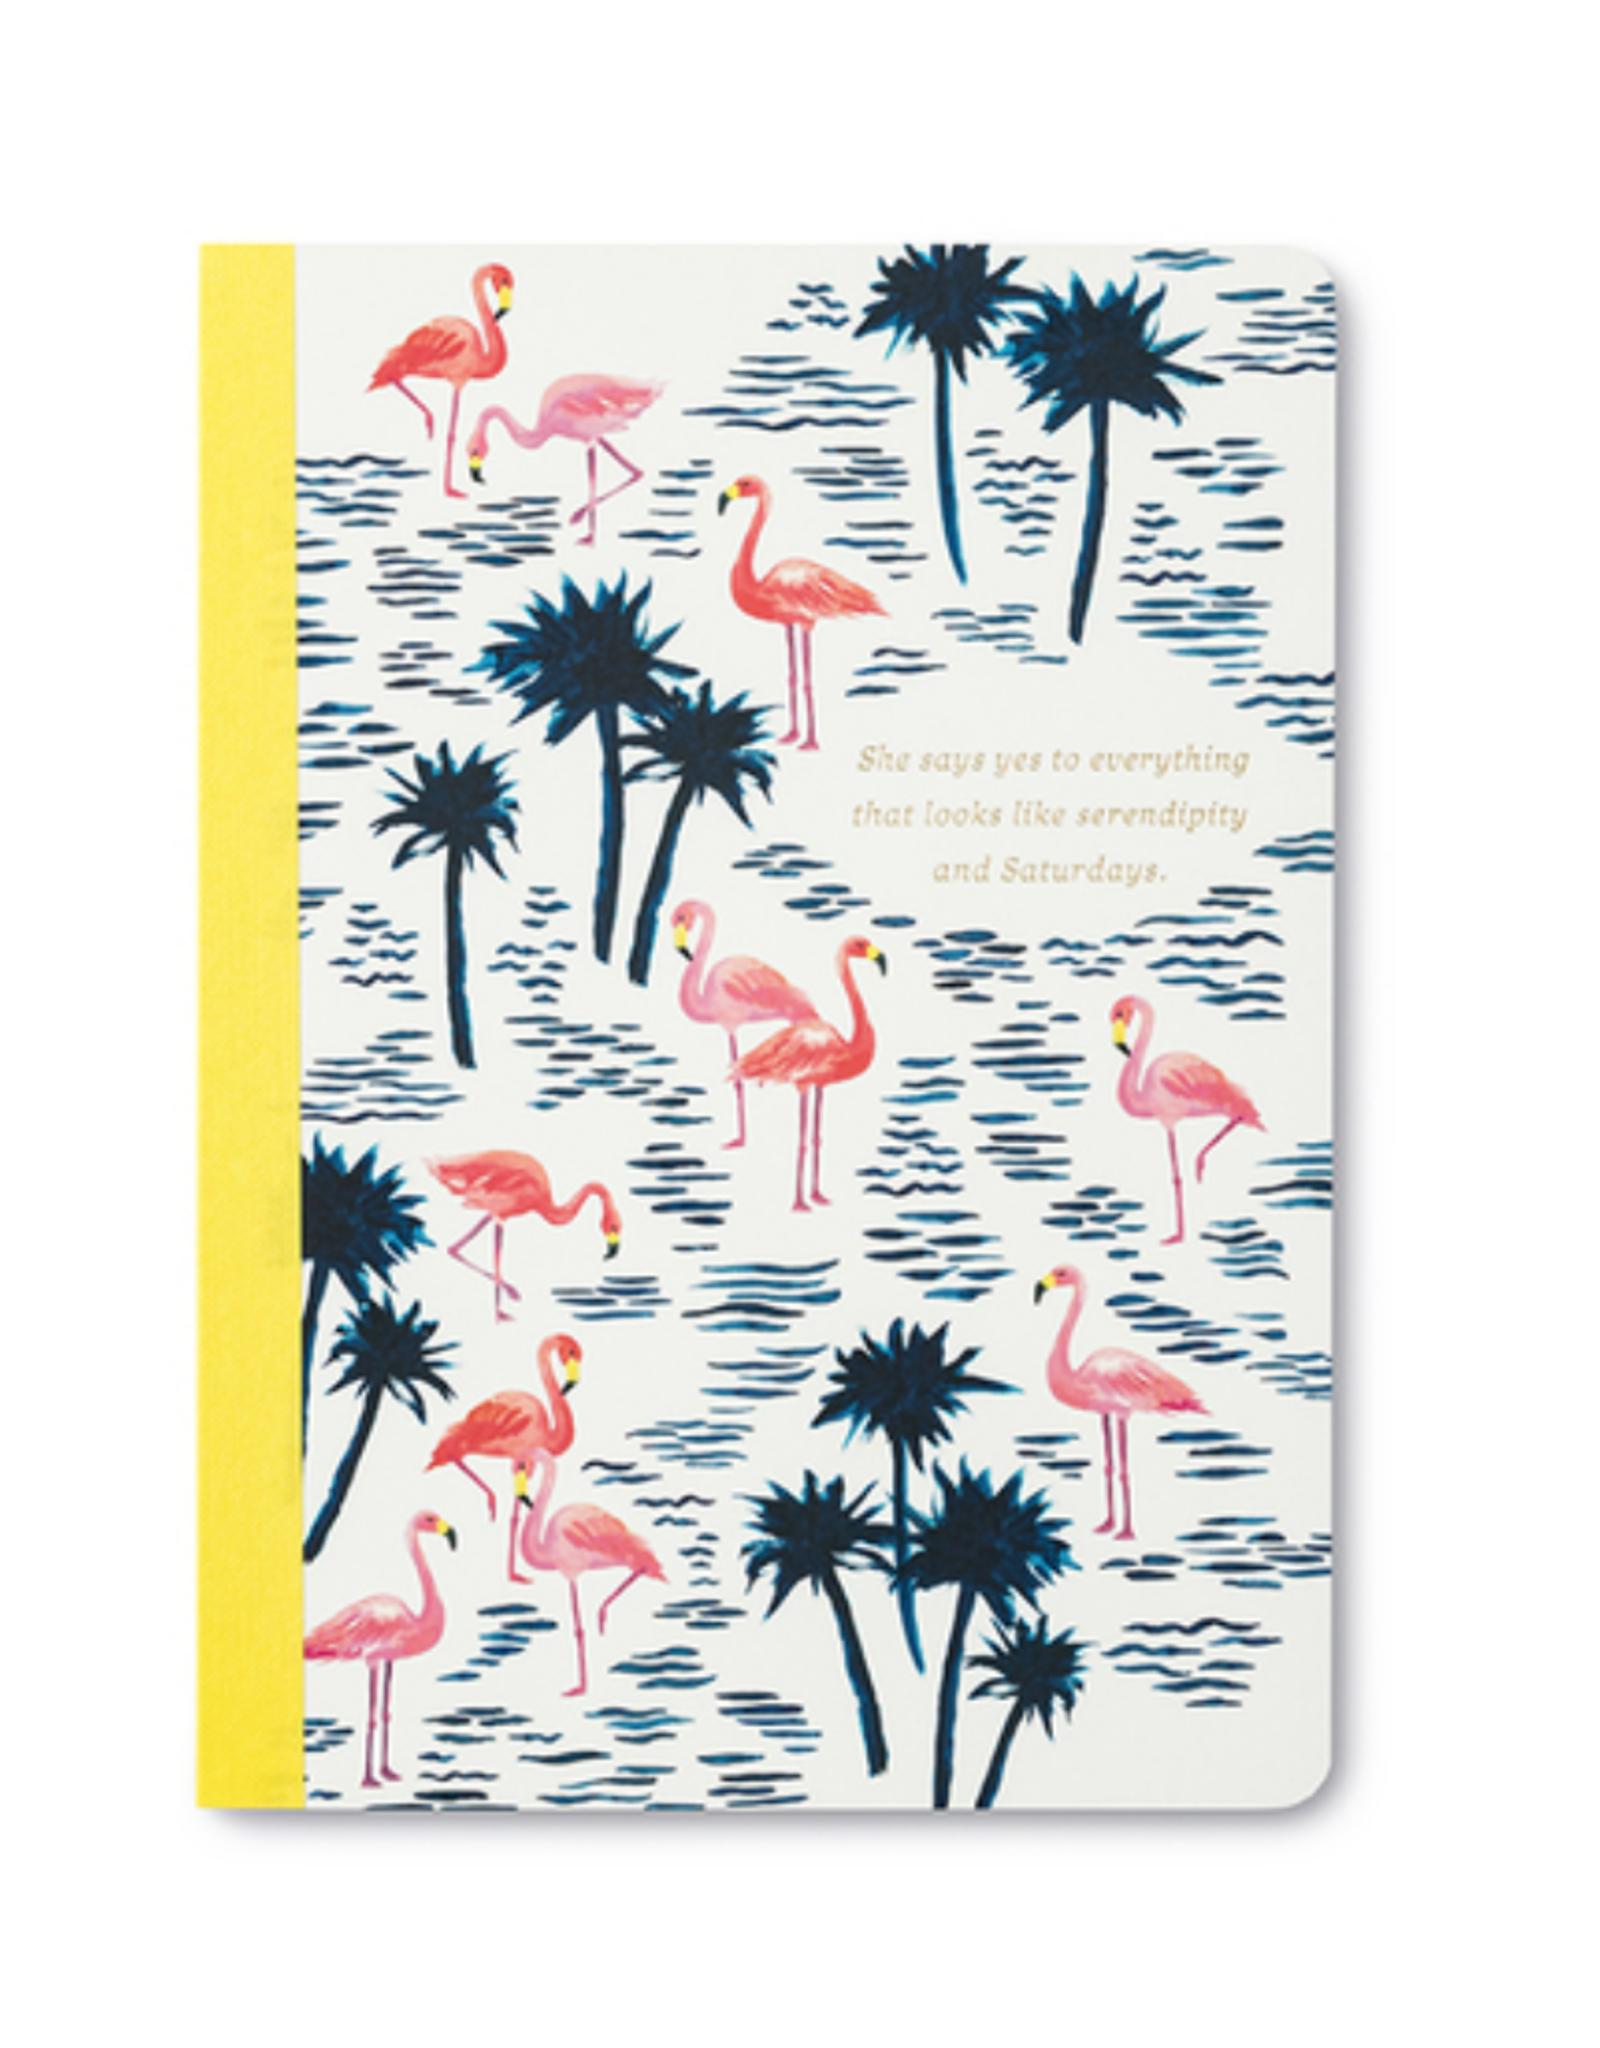 Compendium - Greeting Cards Compendium - Journals